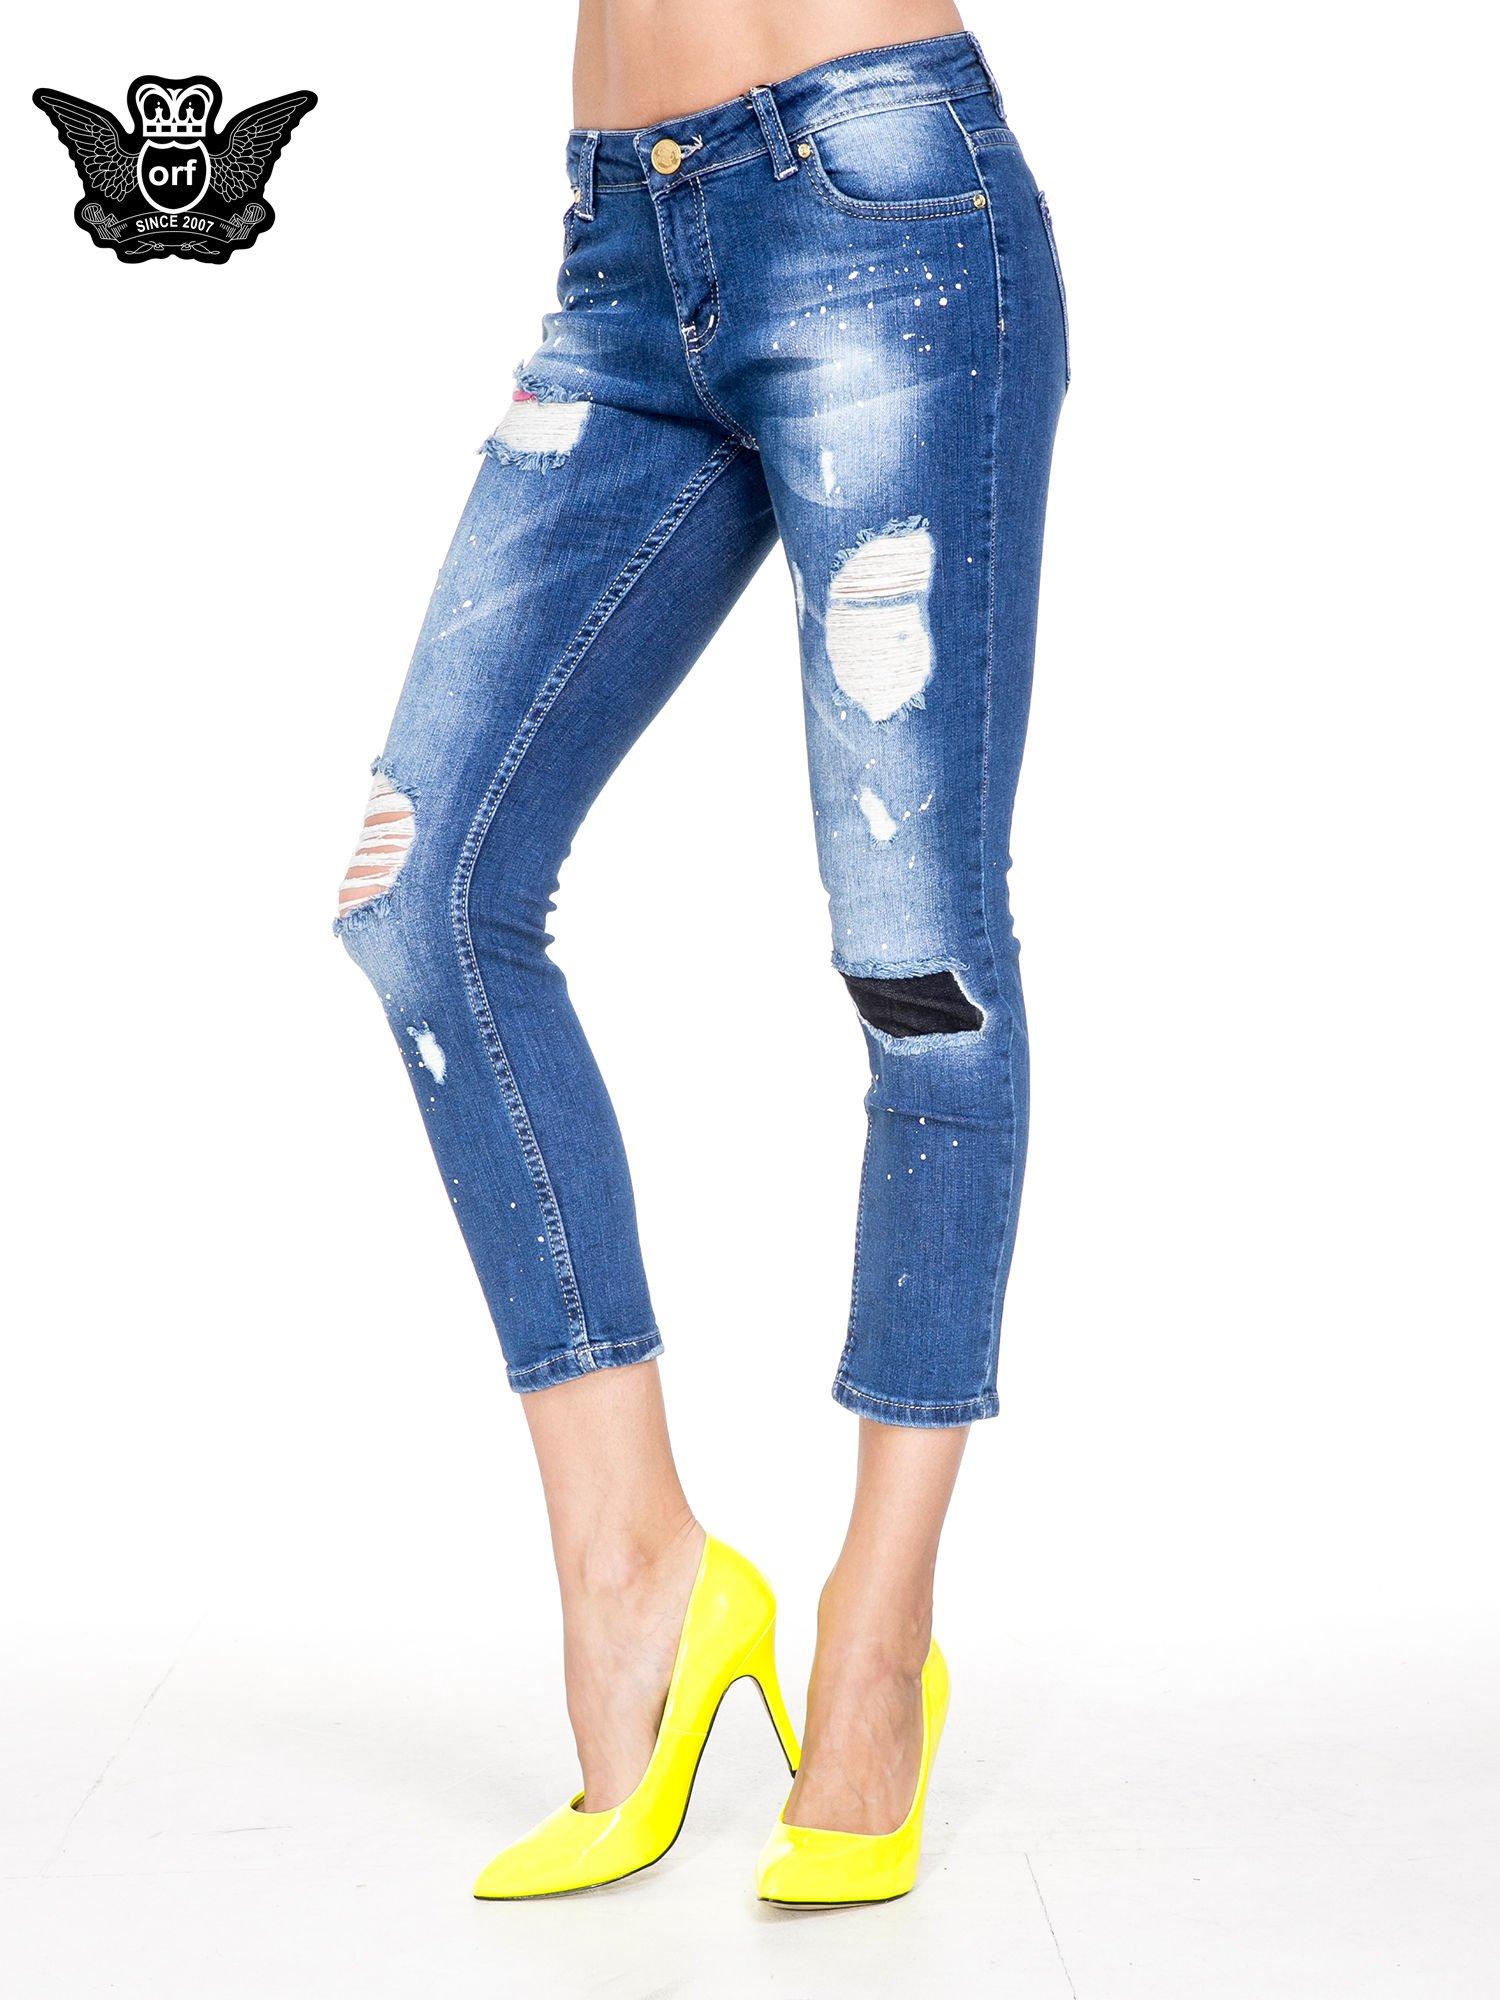 Niebieskie spodnie jeansowe długości 7/8 z łatami i przetarciami                                  zdj.                                  1